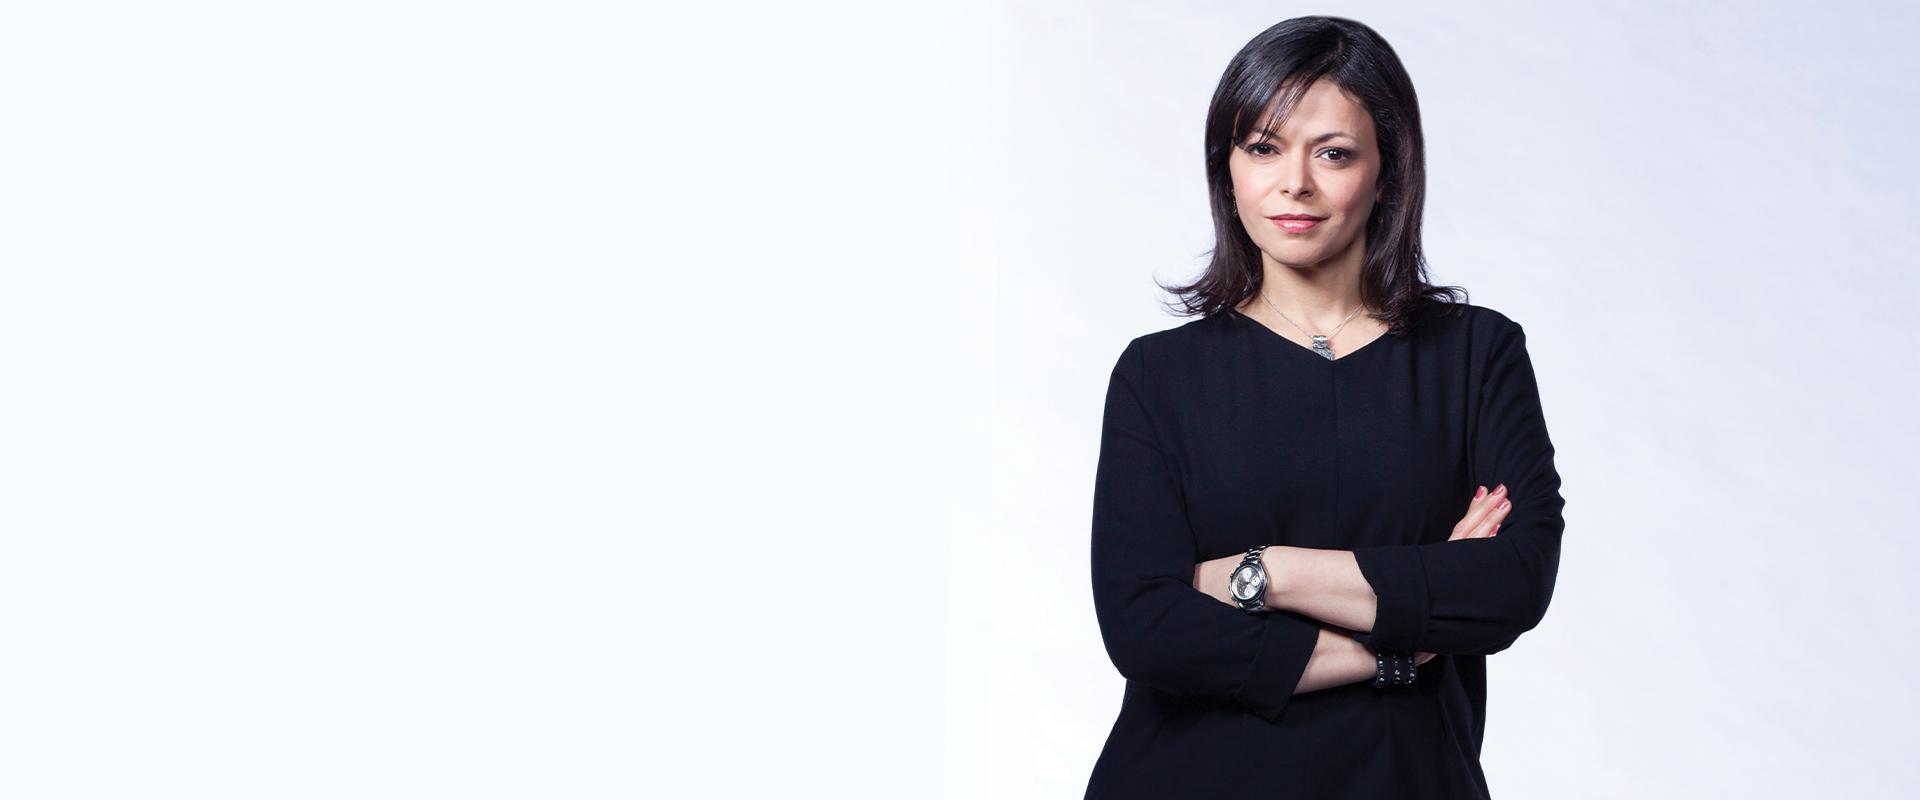 Photo of Nahlah Ayed